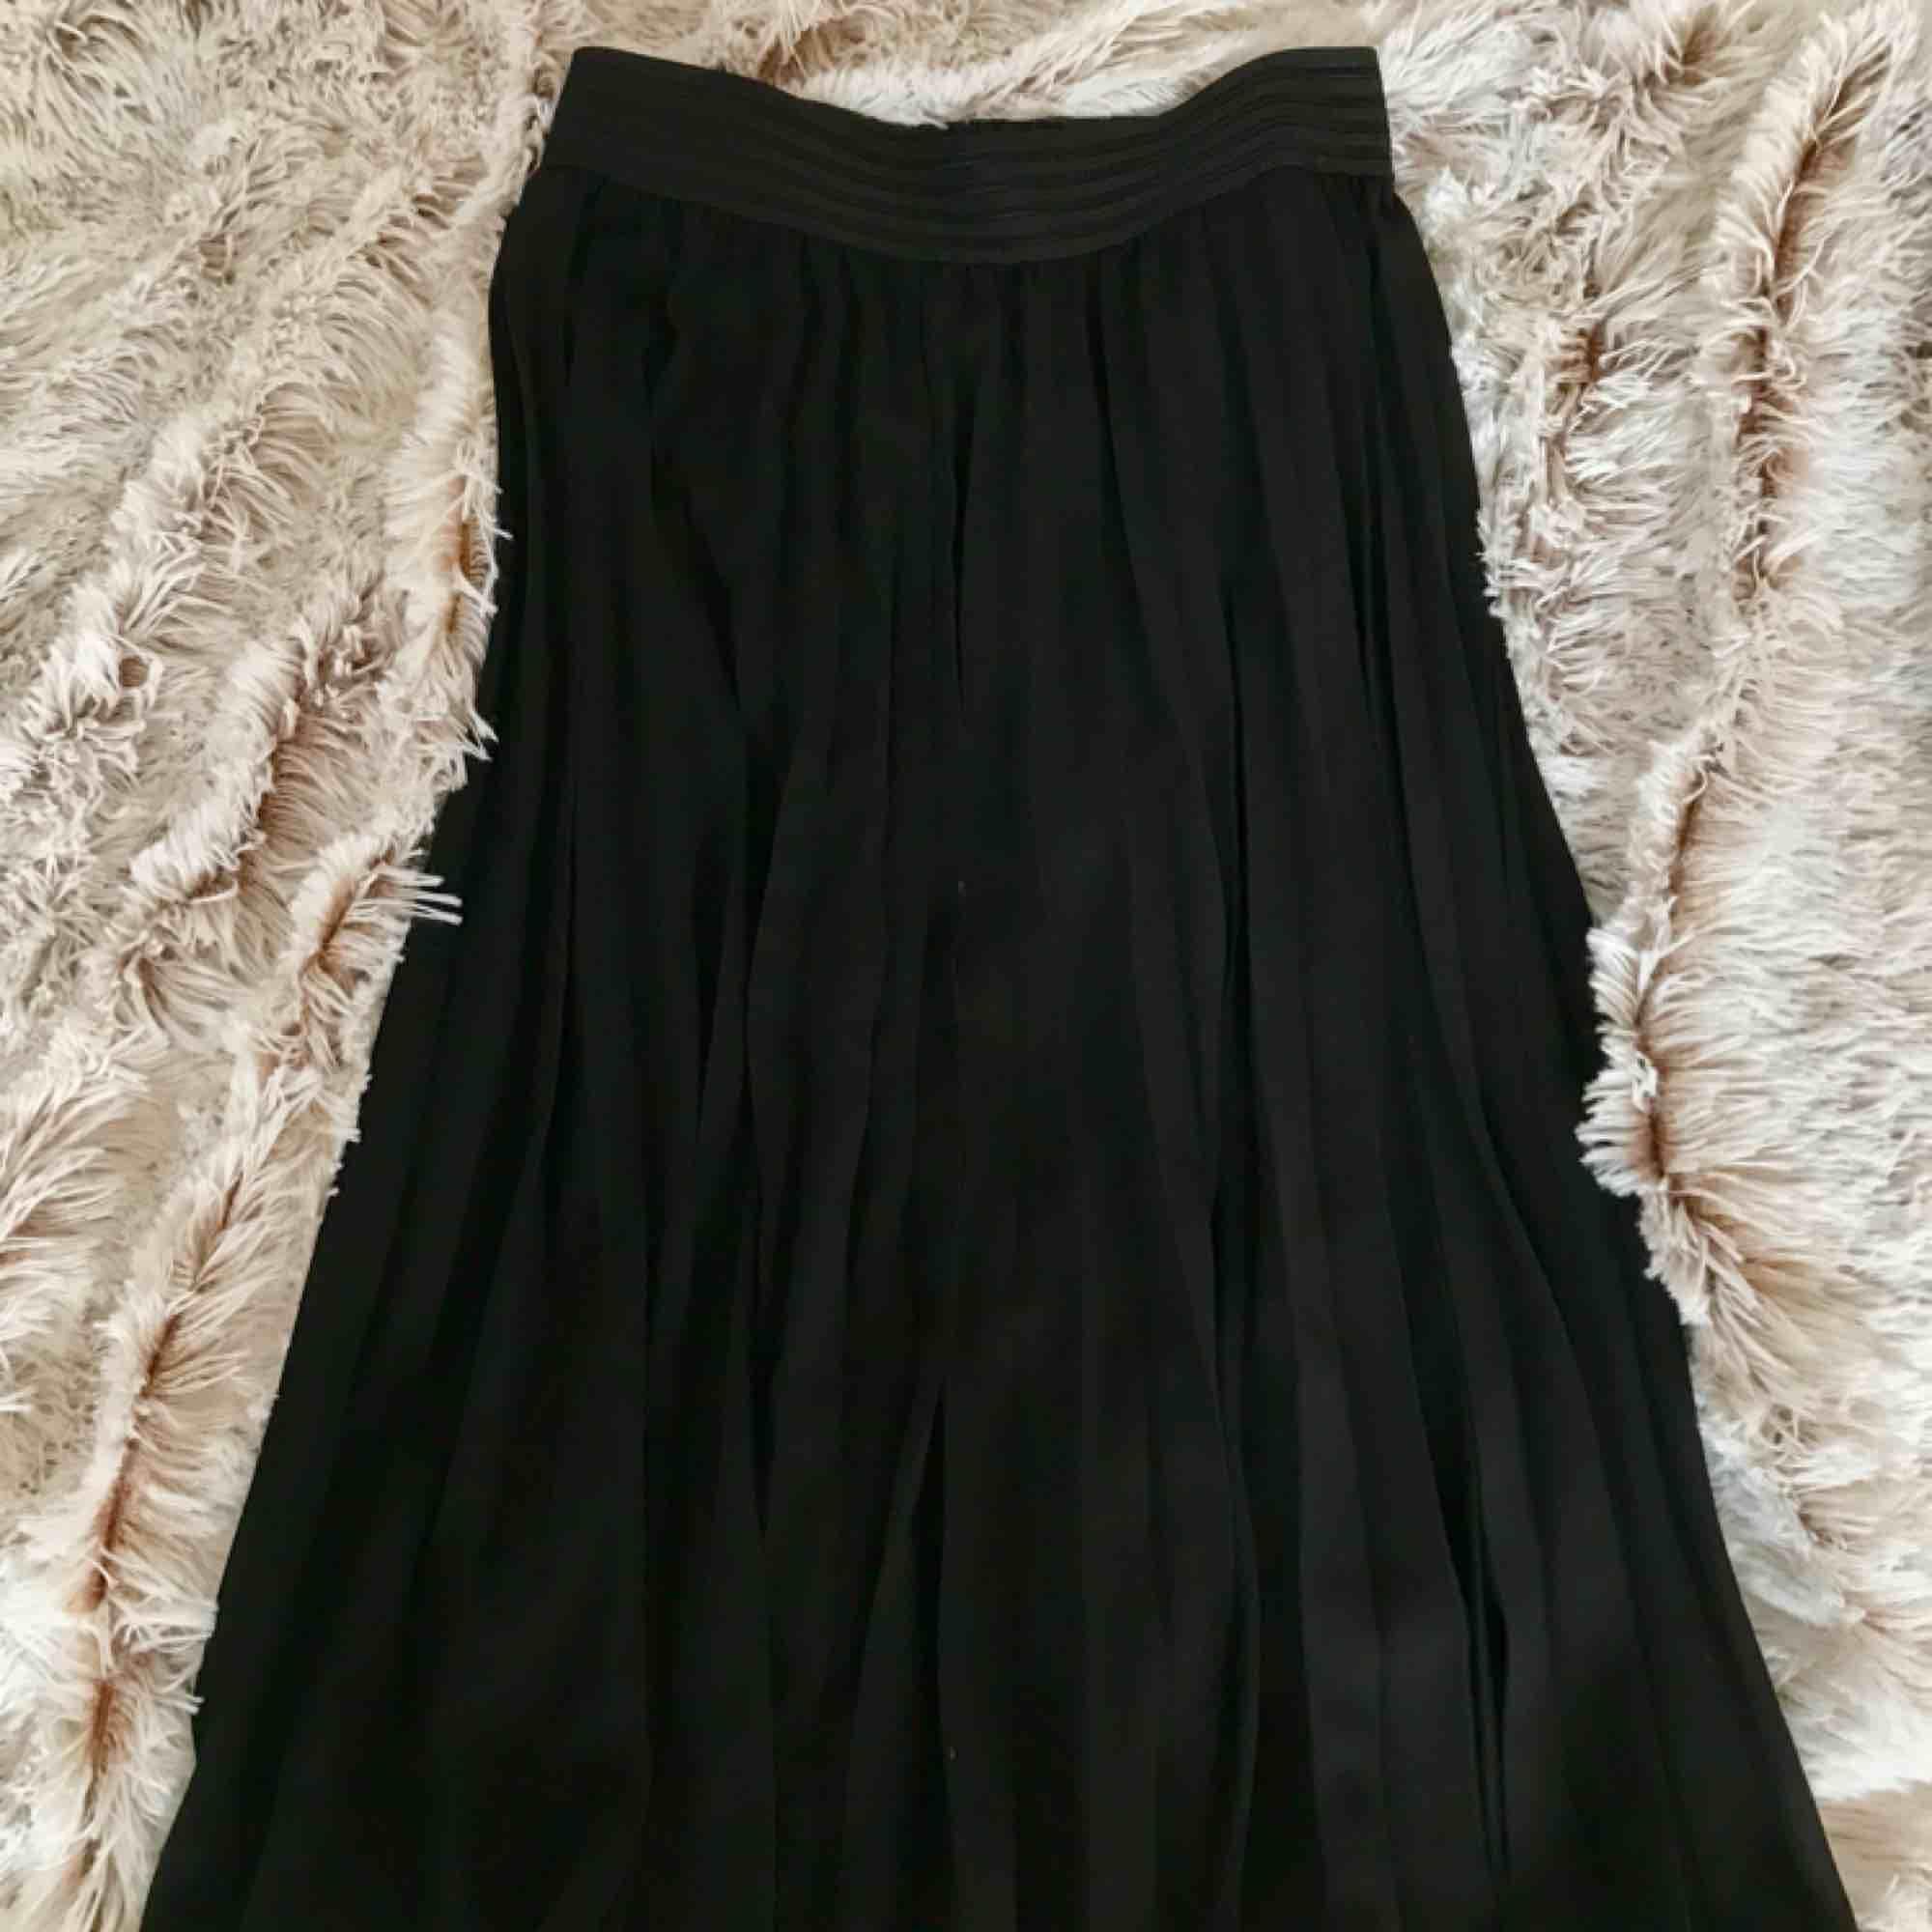 Säljer min sååå snygga plisserade svarta kjol. Vet inte riktigt vart den kommer ifrån men det märks att kvalitén är bra. Säljer på grund av att den är en aning för stor för mig i midjan vilket är sååå synd😢men men. Fraktar men fraktkostnad tillkommer . Kjolar.